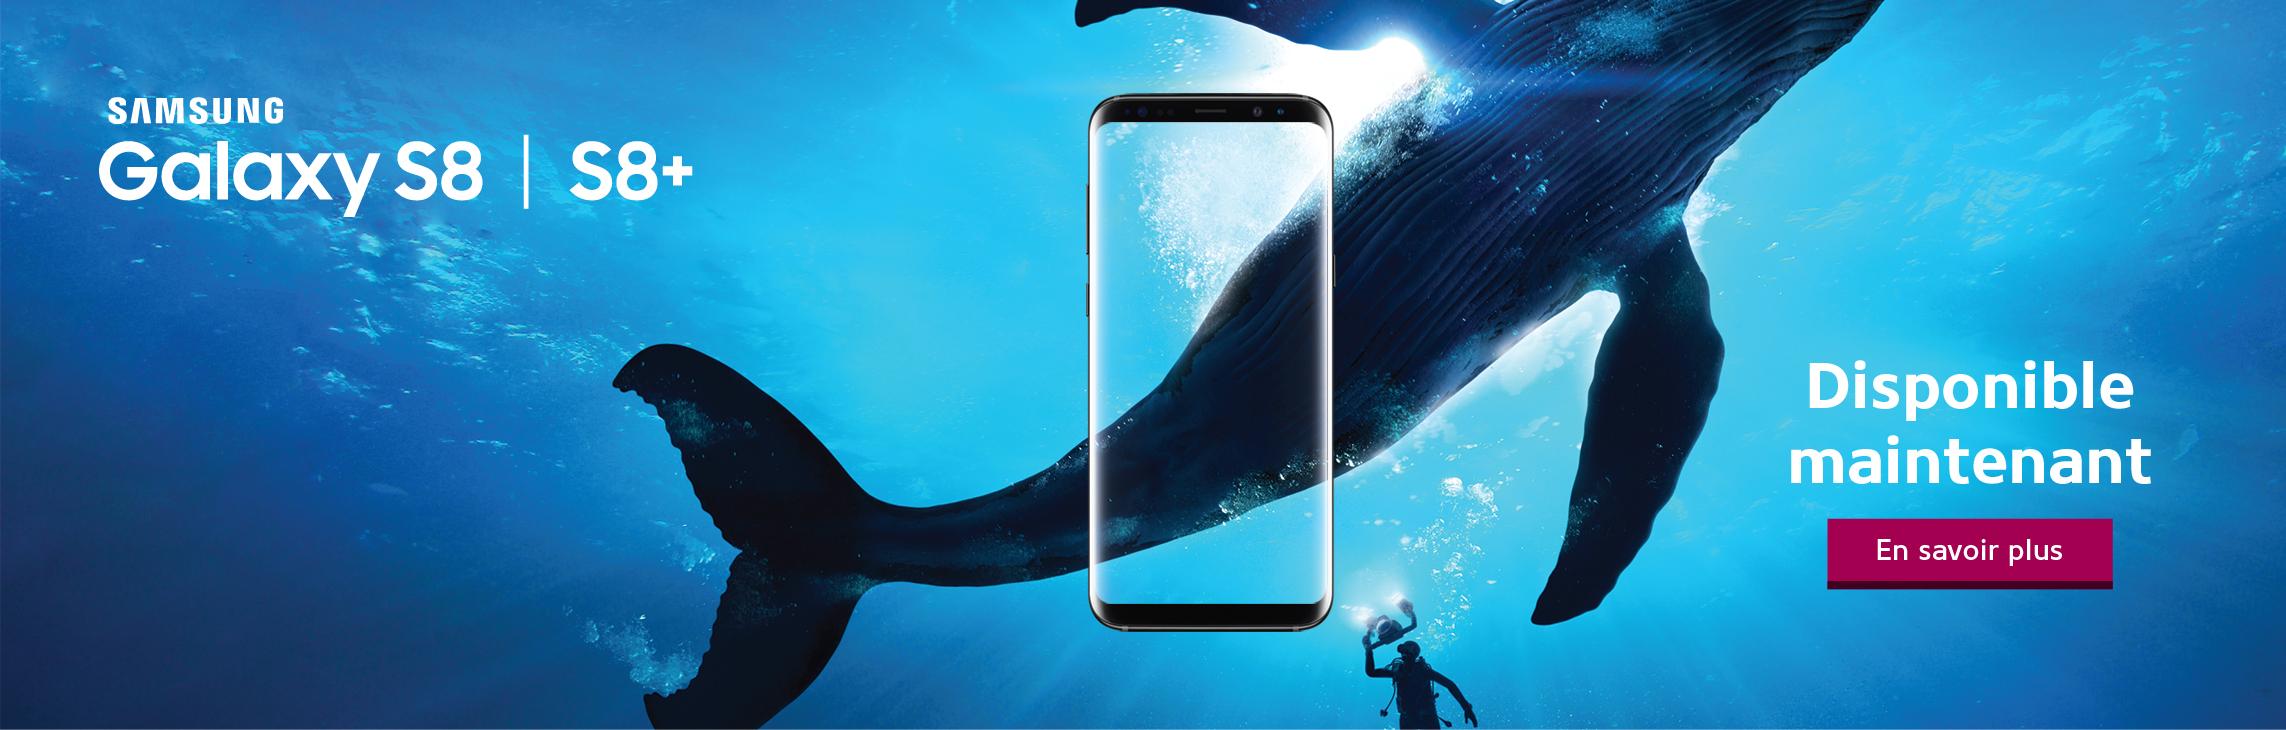 Le Samsung Galaxy S8 et S8+ sont disponibles maintenant chez WOW! boutique mobile